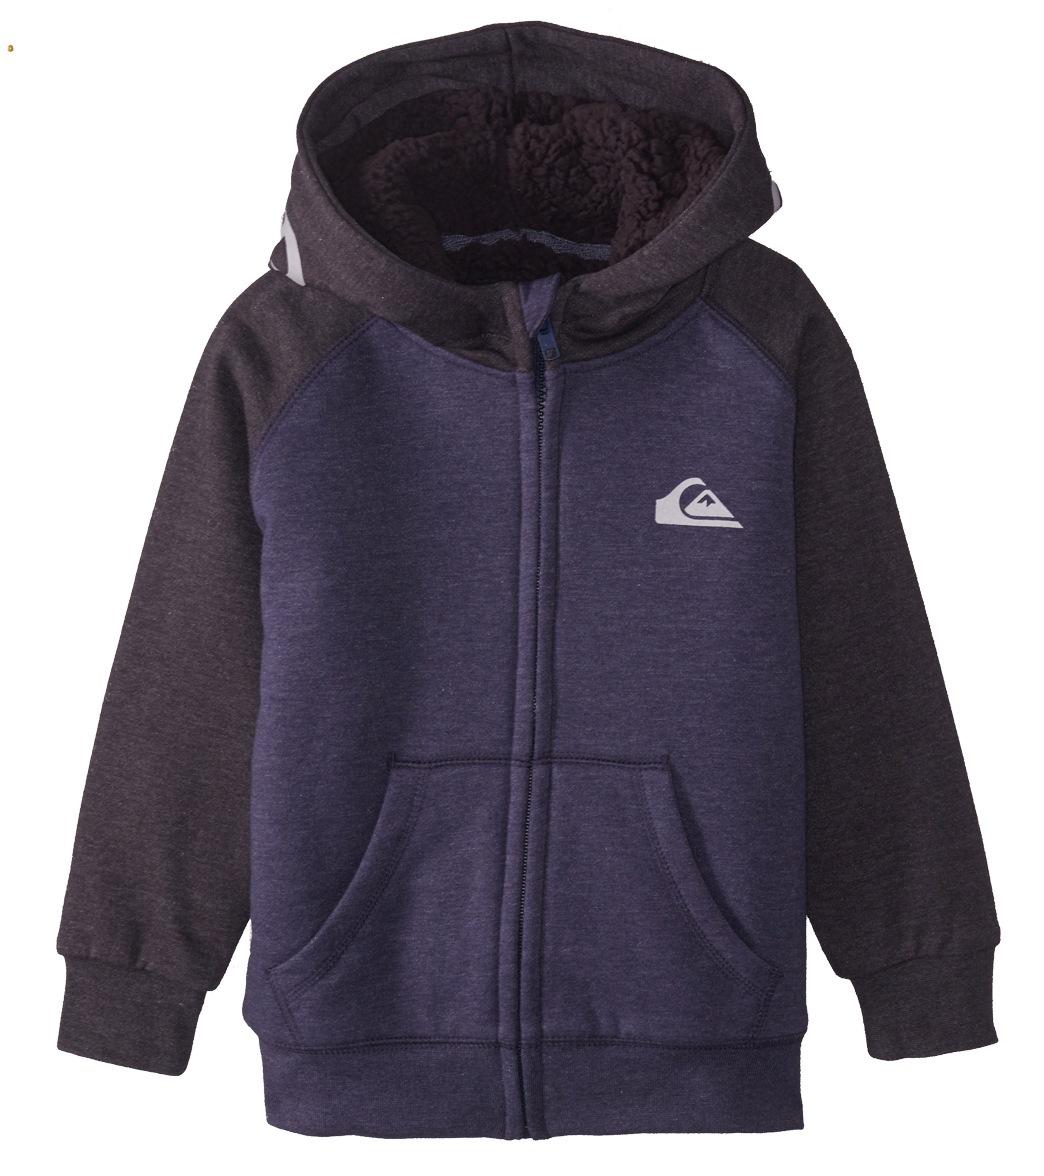 d92285a026 Quiksilver Boys' Juwa Sherpa Zip Hoodie (Little Kid)